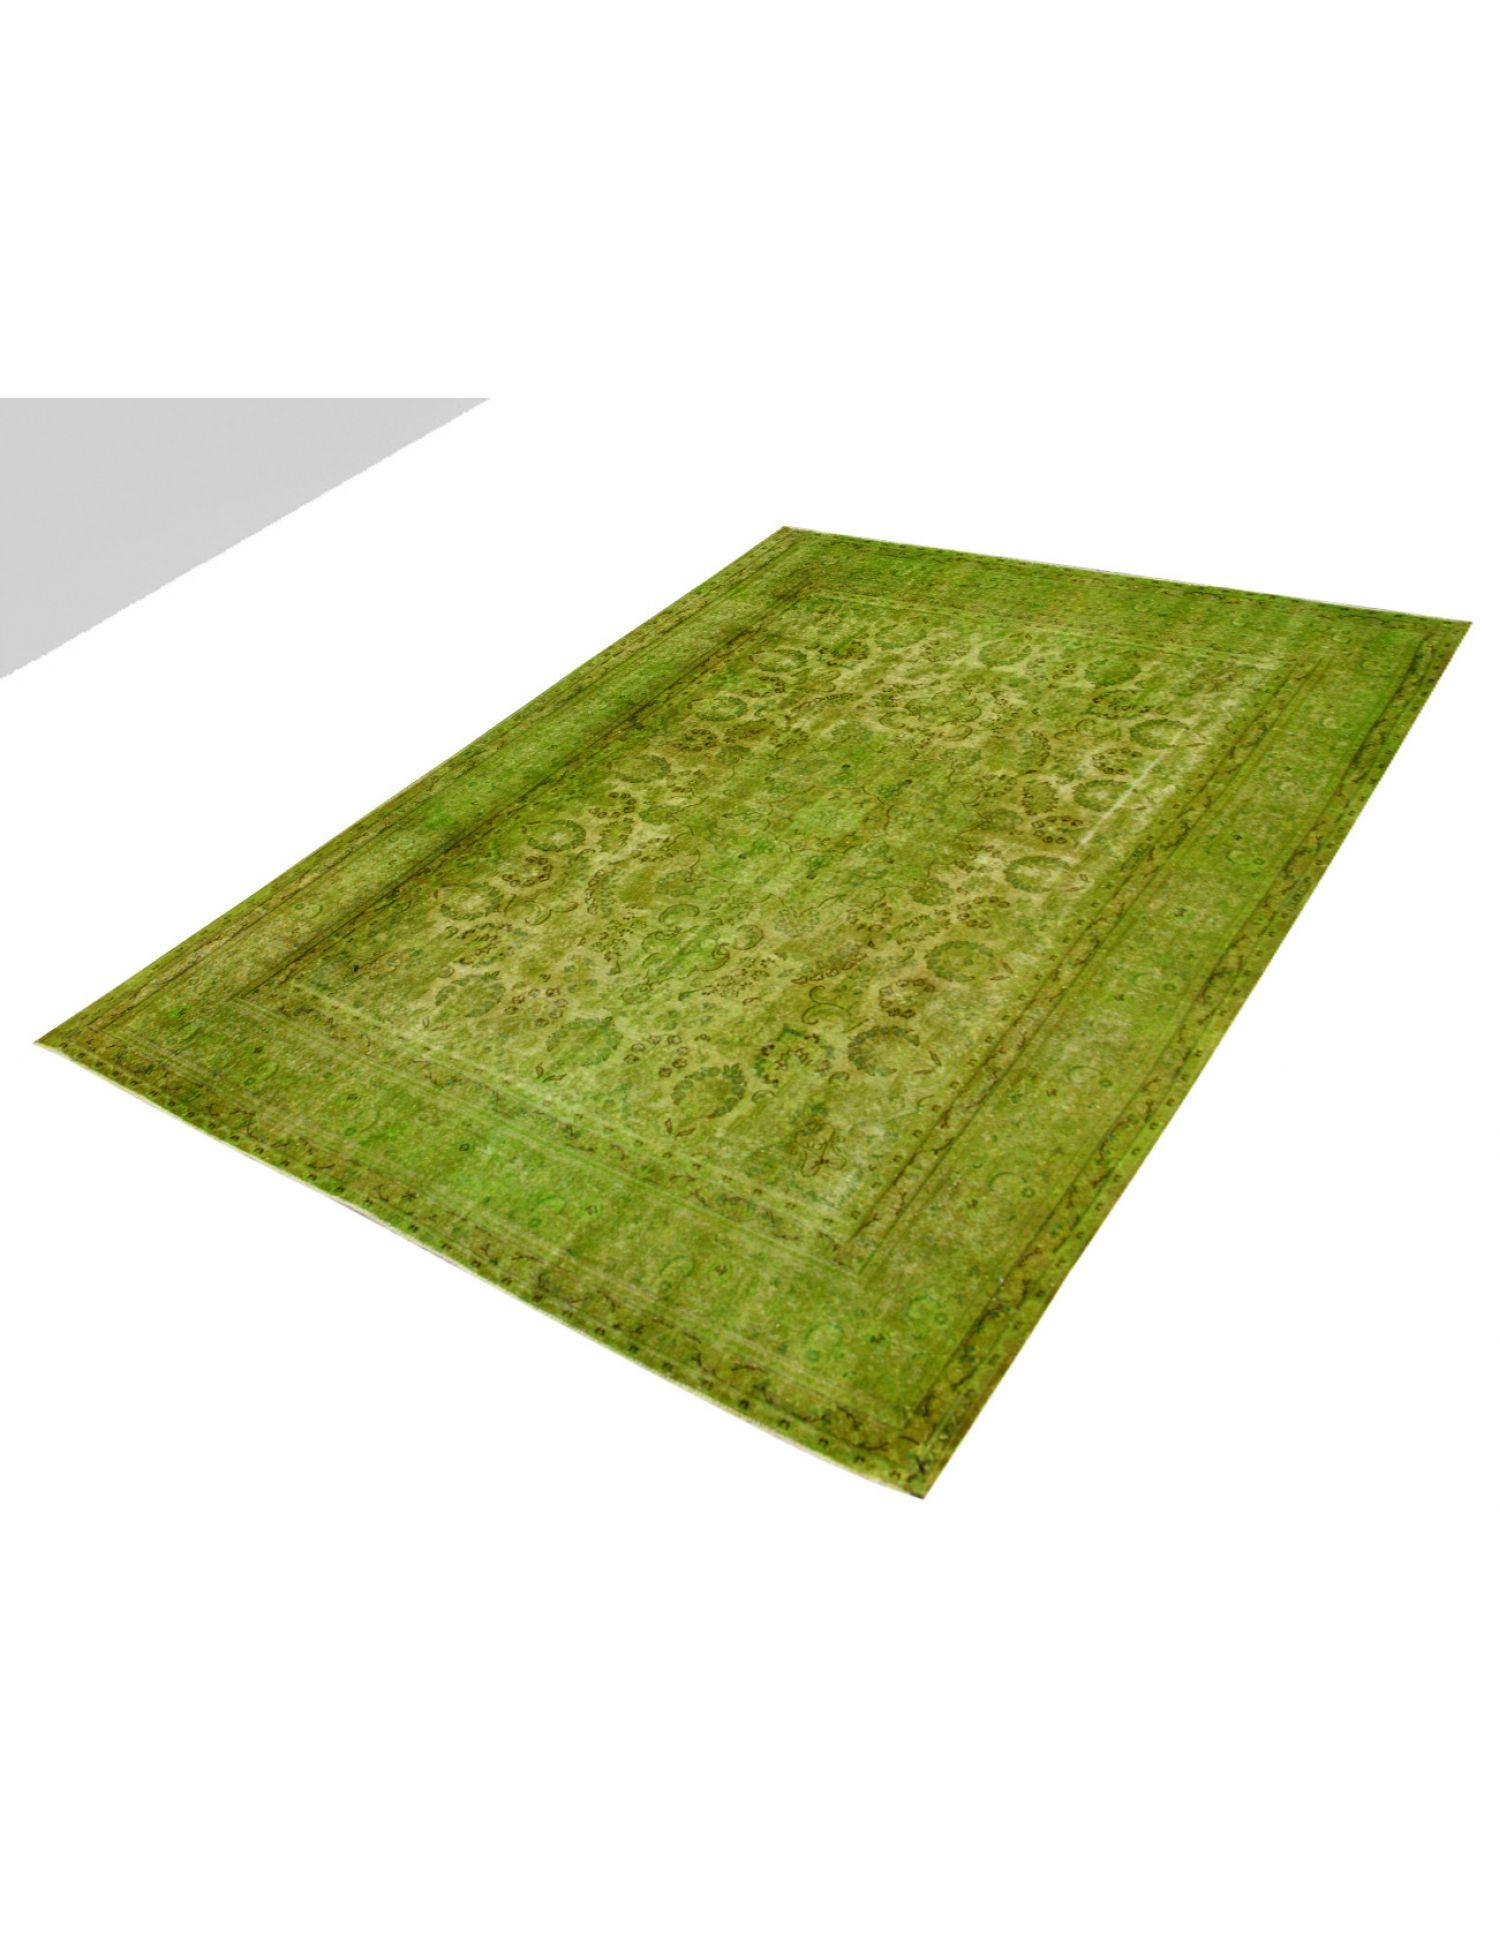 Vintage Teppich  grün <br/>377 x 289 cm